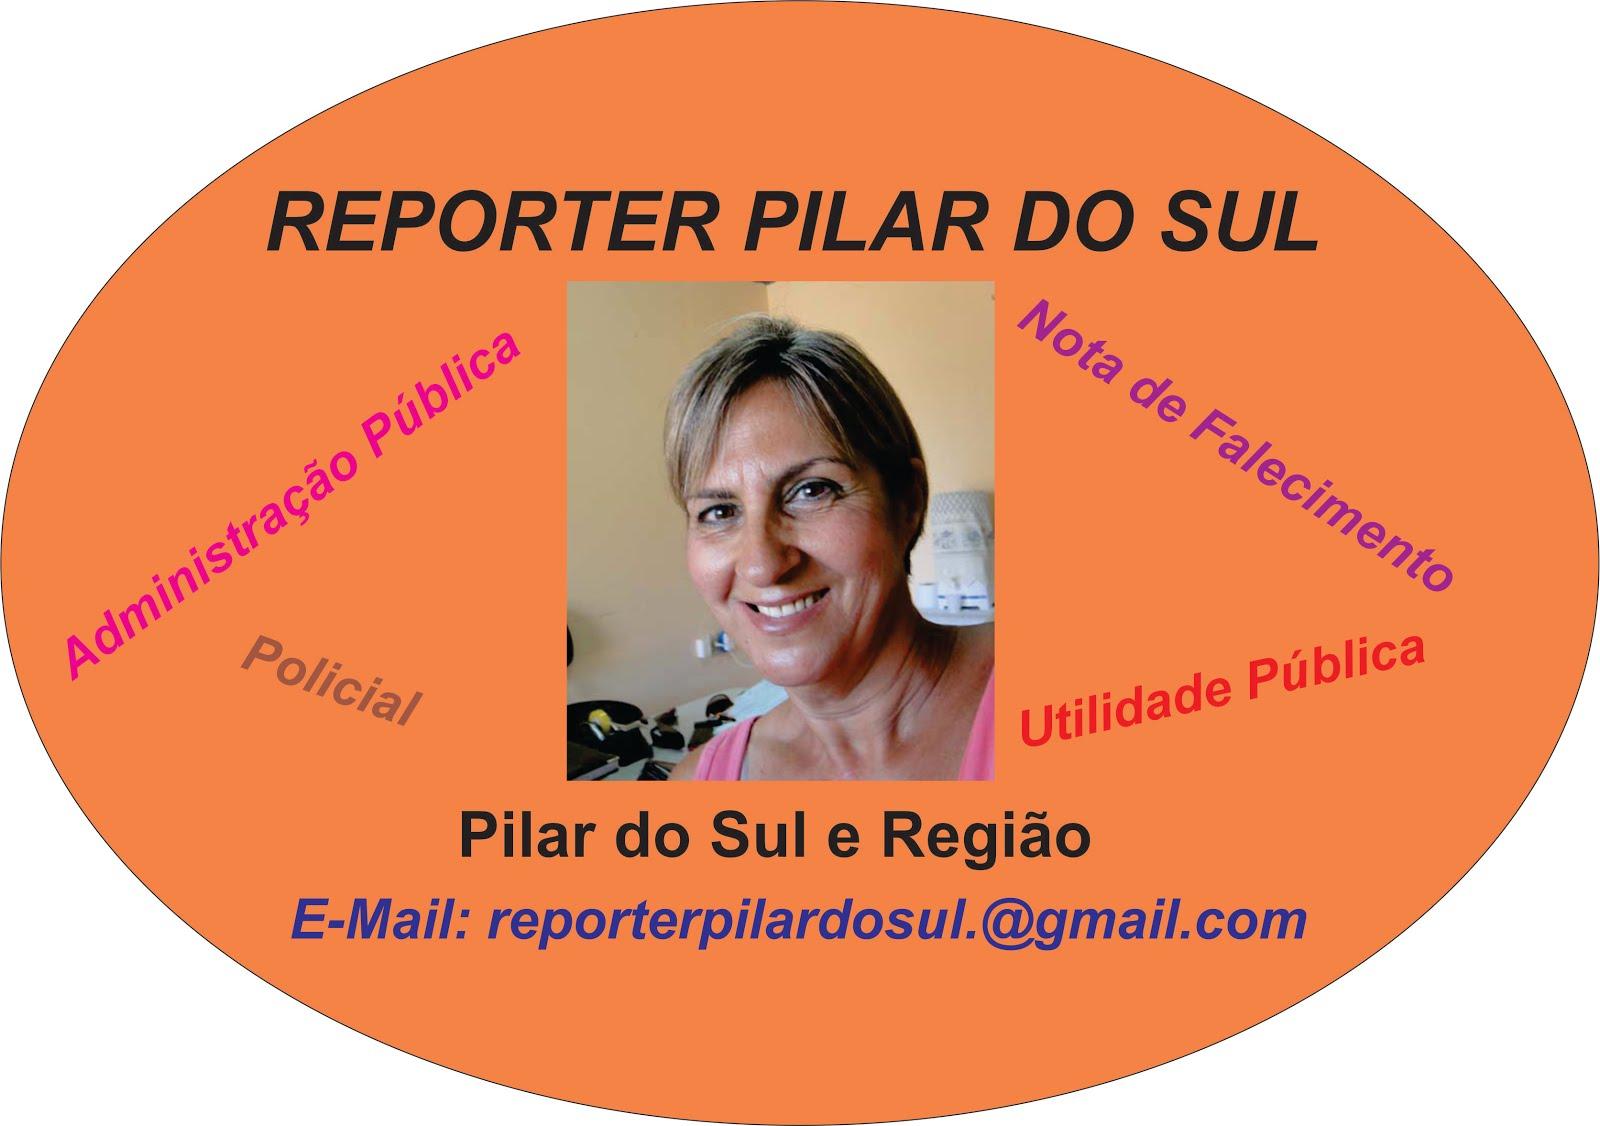 Repórter Pilar do Sul